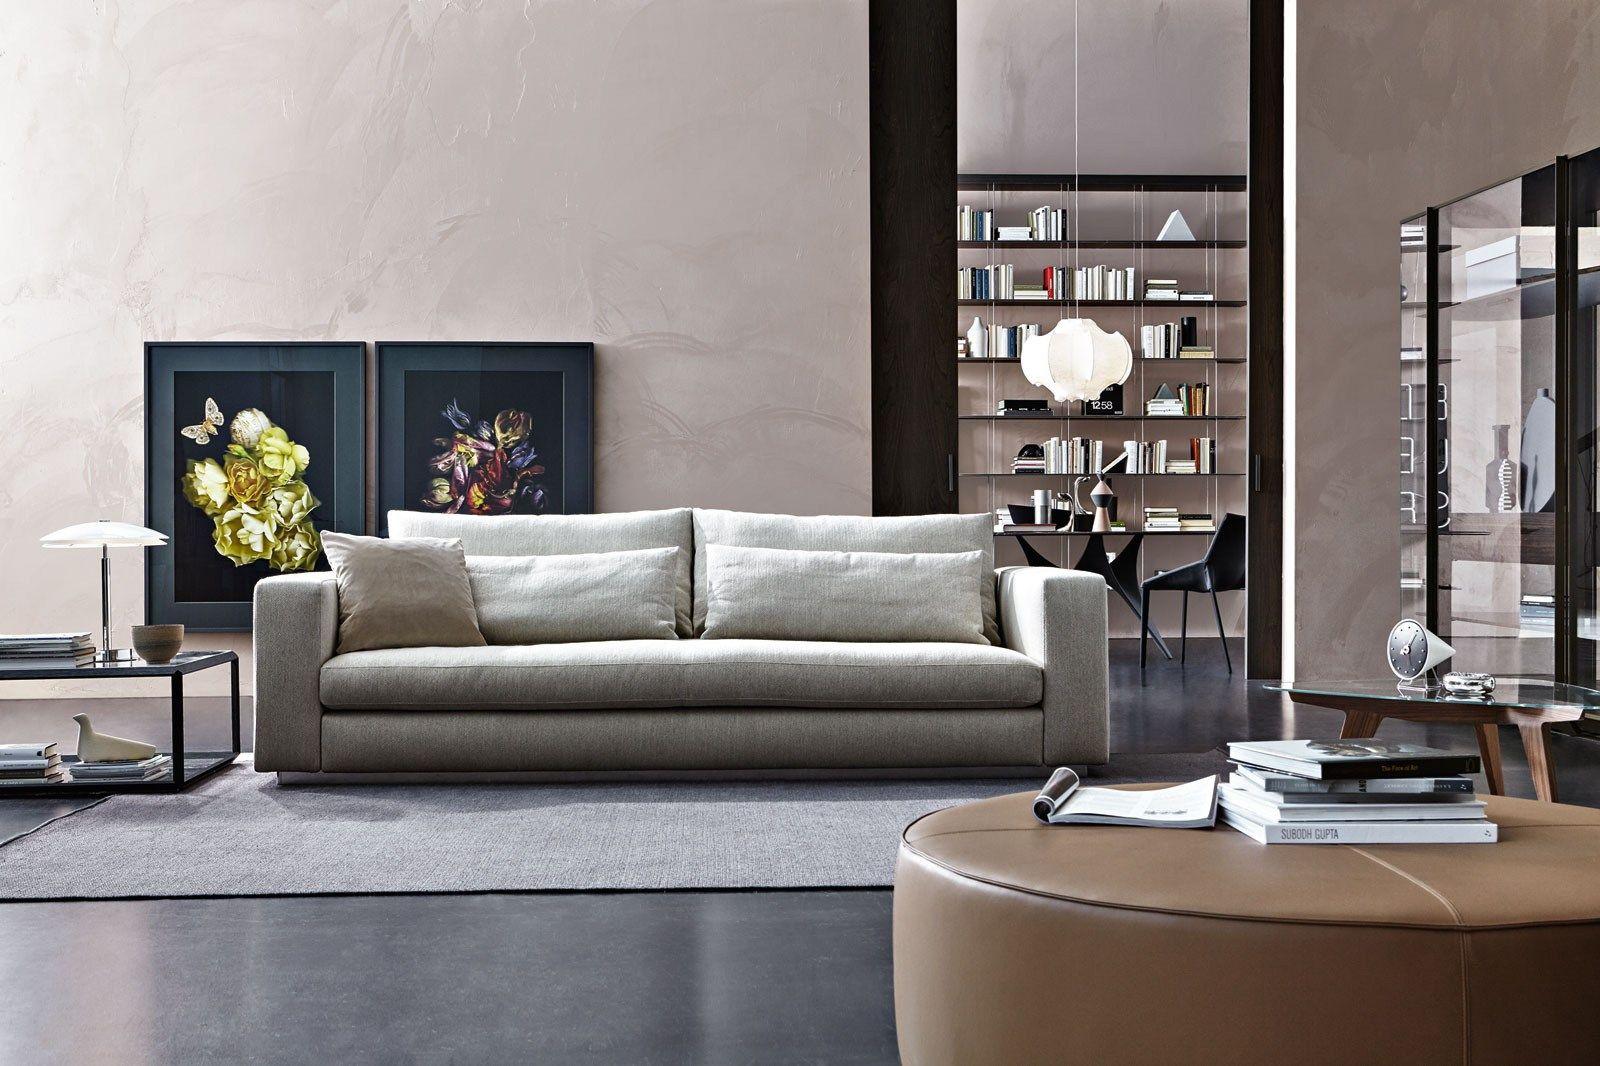 Arredamento Contemporaneo ~ Daytona arredamento contemporaneo moderno di lusso e mobili stile